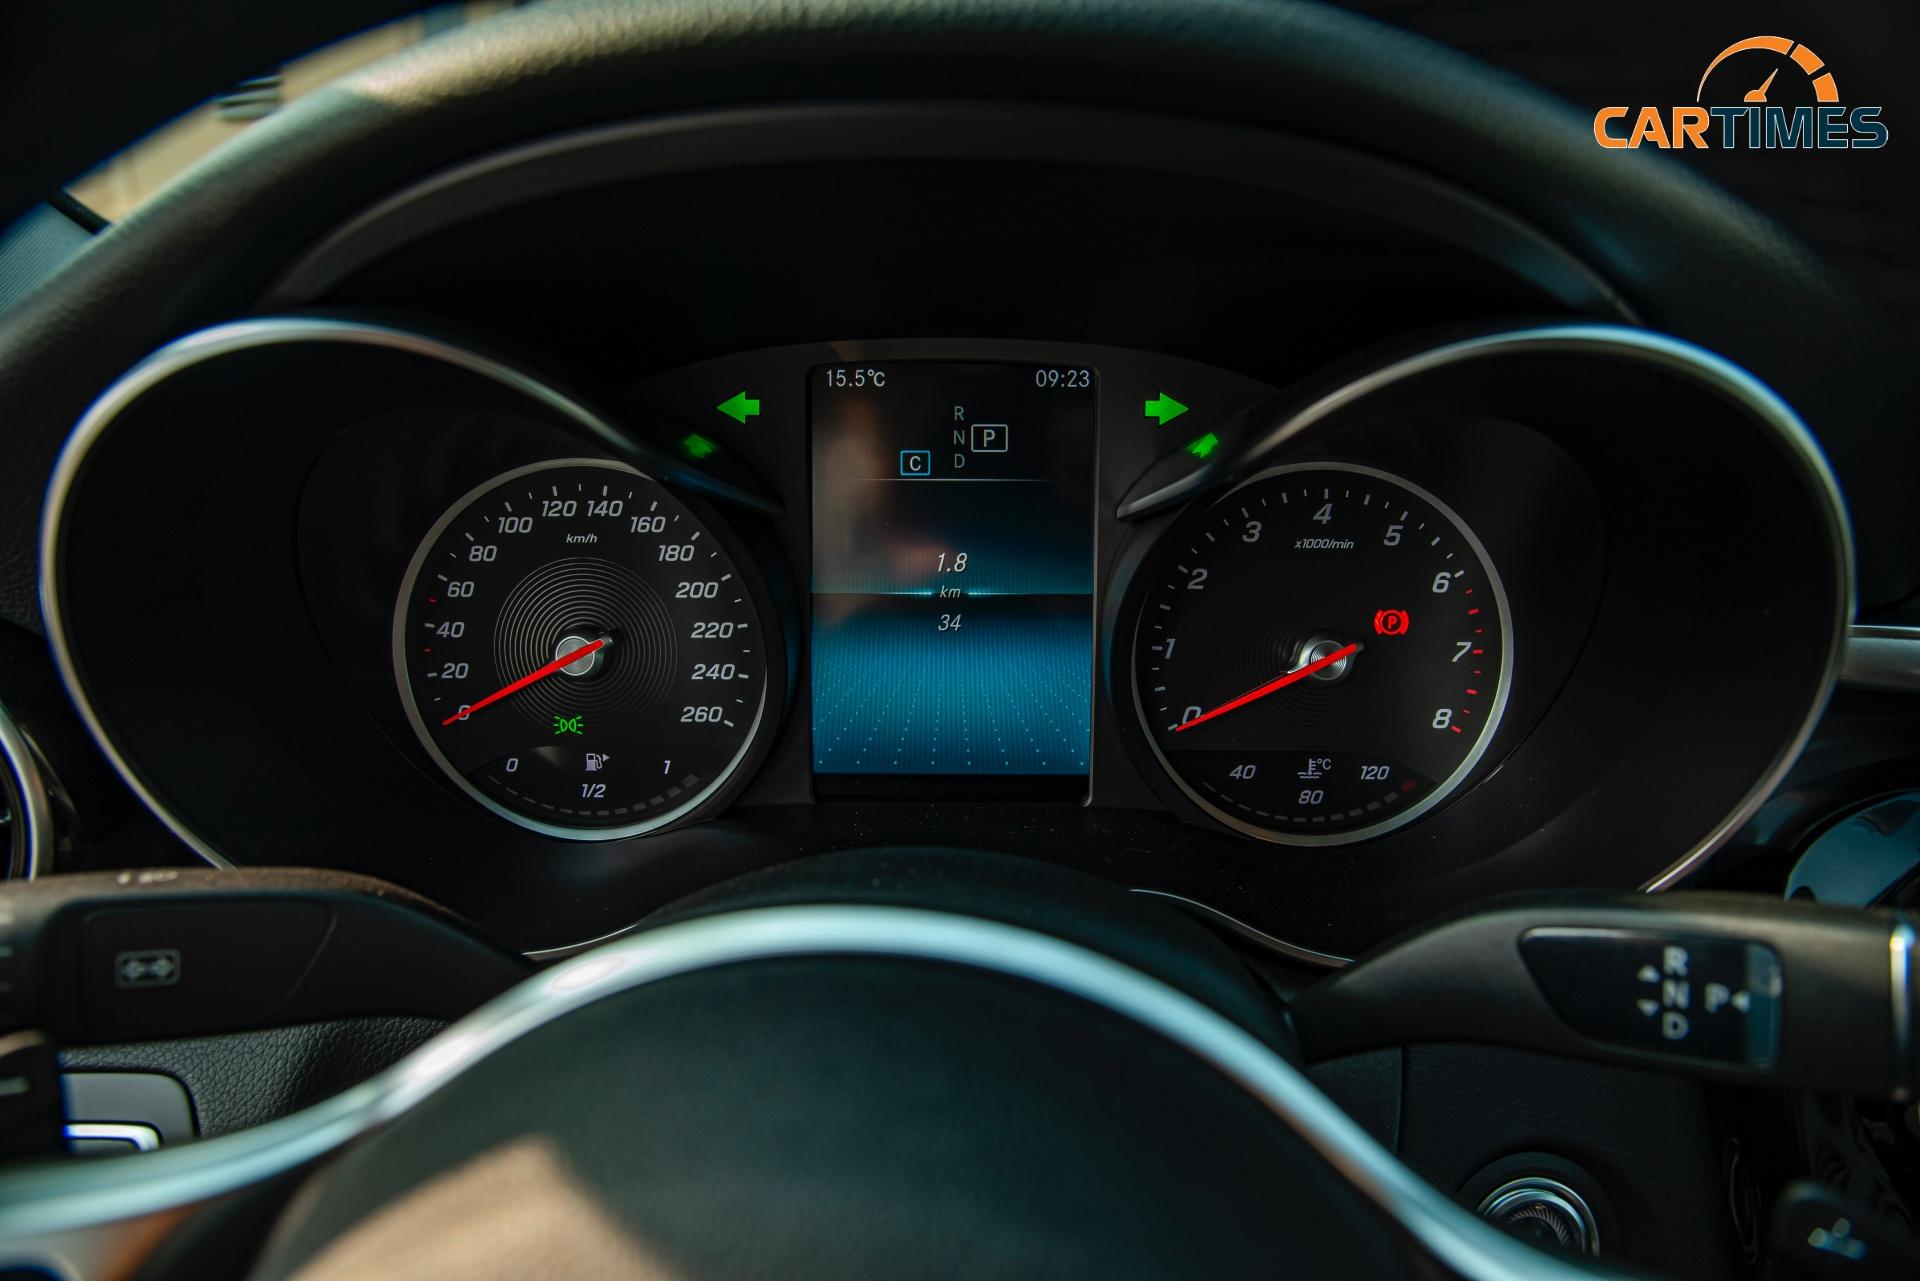 Còn mới tinh tươm, ODO chưa qua 50 km, Mercedes-Benz C 180 2020 đã được rao bán trên thị trường xe cũ -1